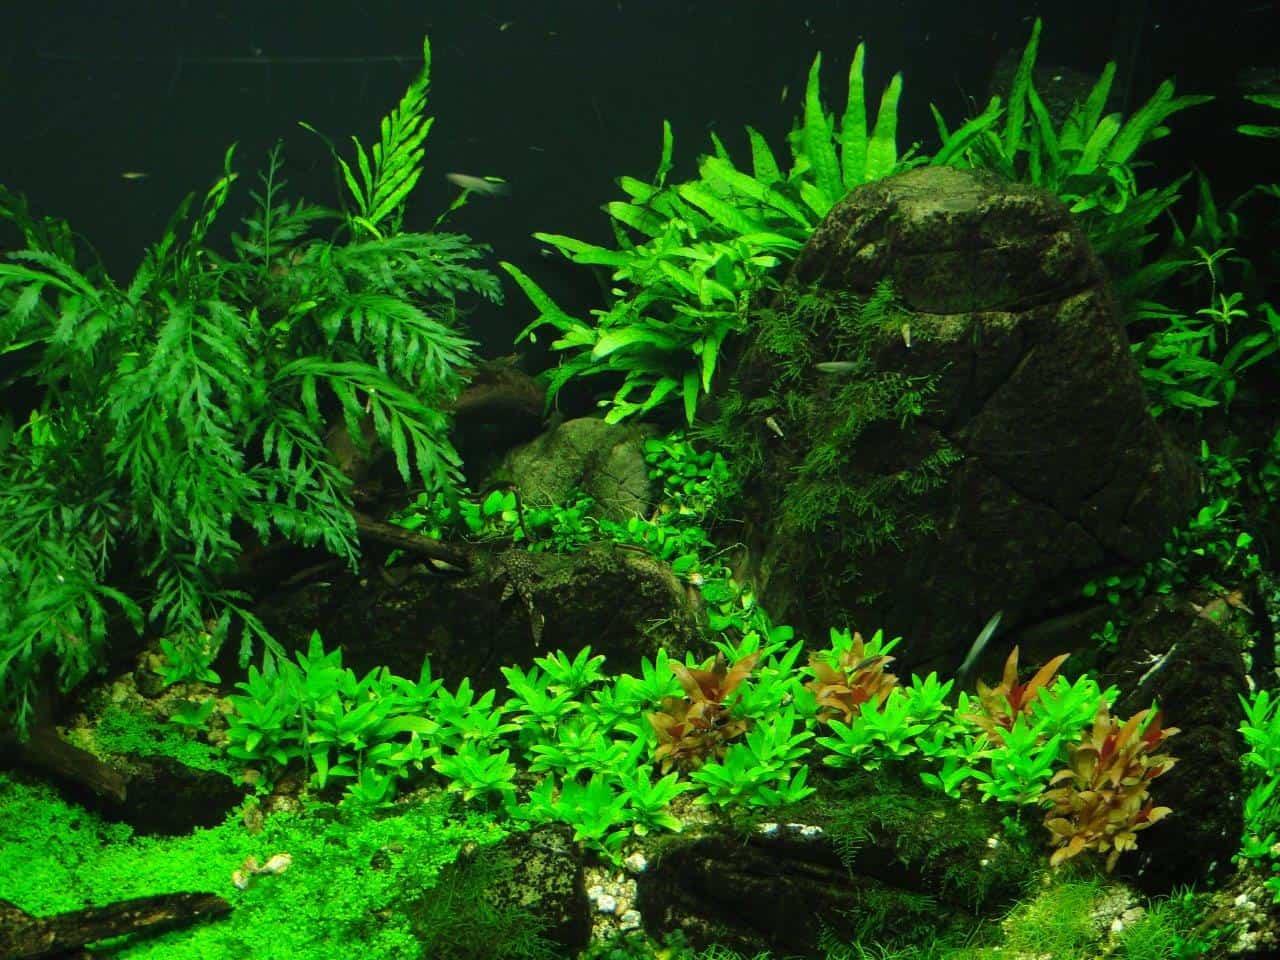 Mit my-fish zum eigenen Aquarium: Kinder des Wohnheims Kinderhüsli richten ihr erstes Becken ein 10